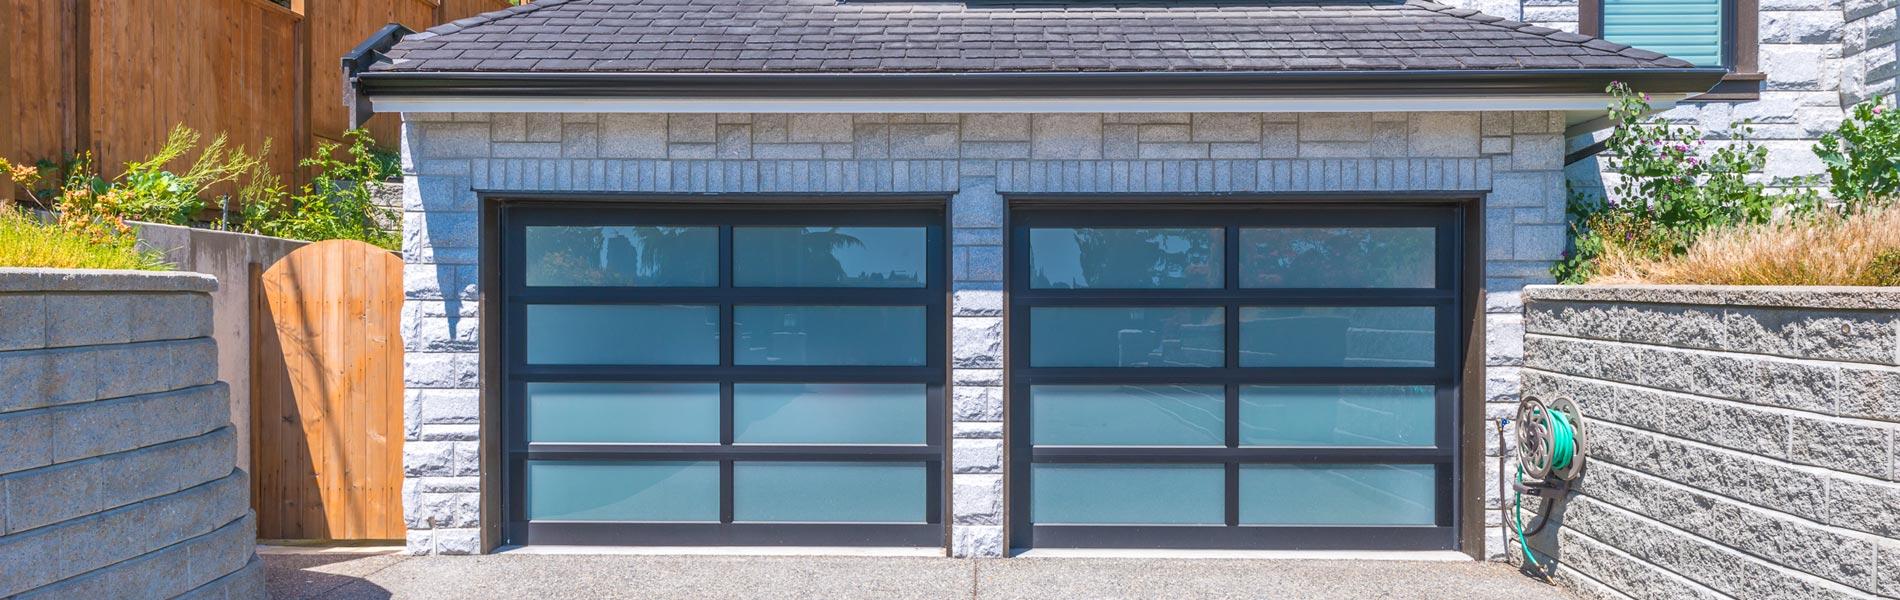 Sos Garage Door Clopay Garage Door Service Williamstown Nj